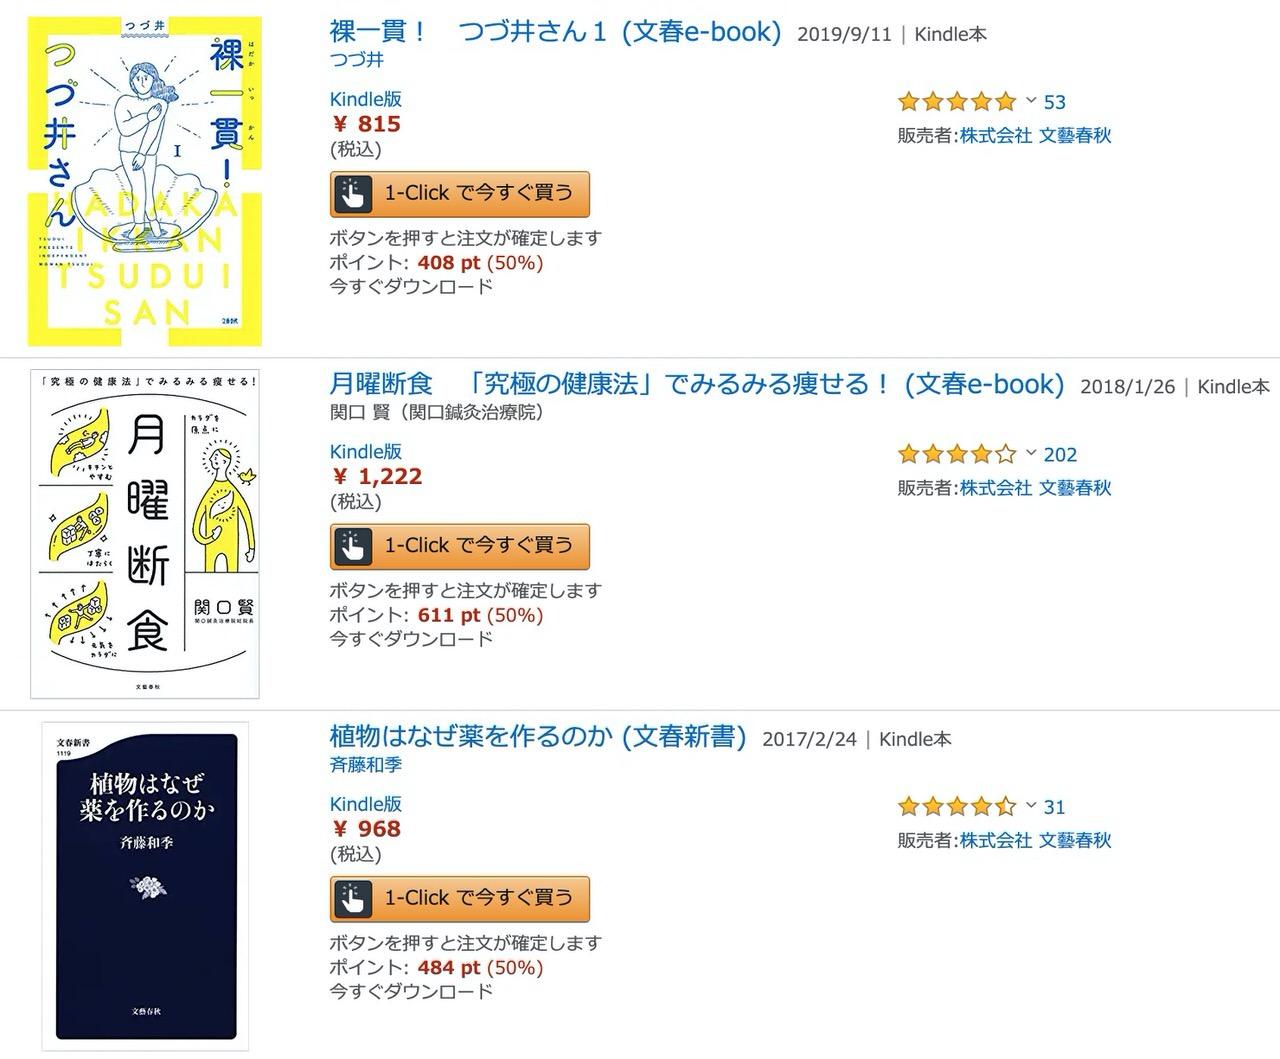 【Kindleセール】4,000冊以上が50%ポイント還元「文藝春秋秋祭り」(11/14まで)